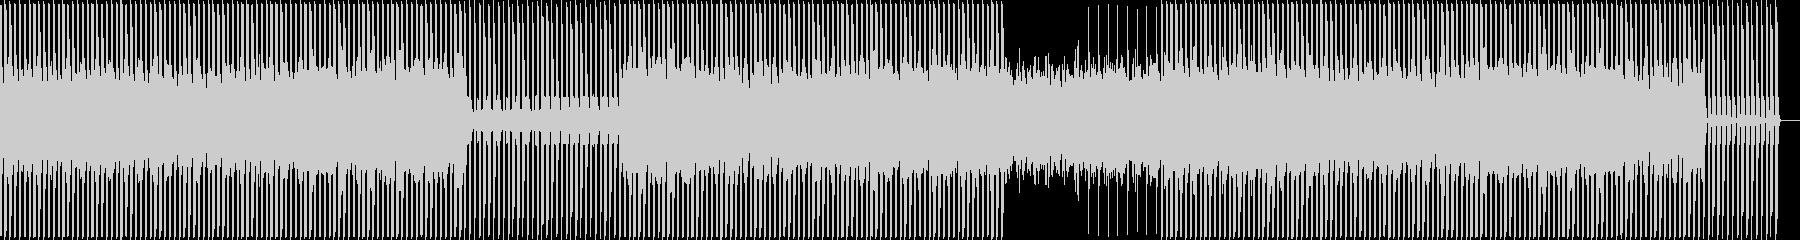 シンプルでシャープなミニマルテクノの未再生の波形